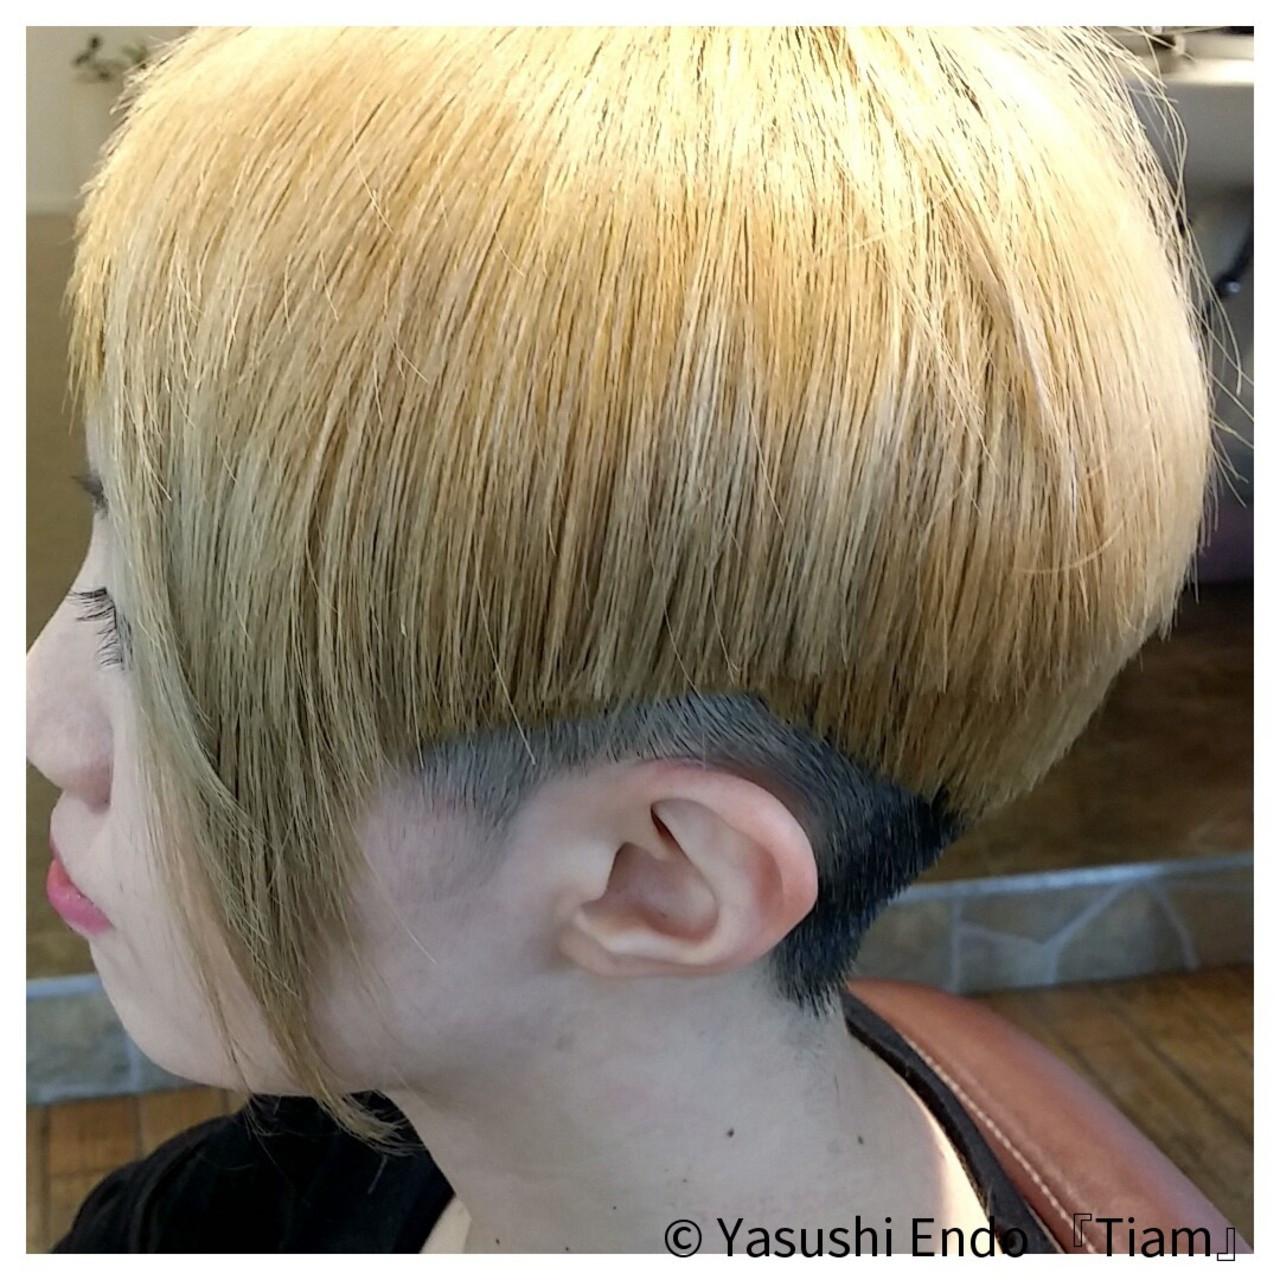 ツーブロック モード 大人ショート 刈り上げ女子 ヘアスタイルや髪型の写真・画像